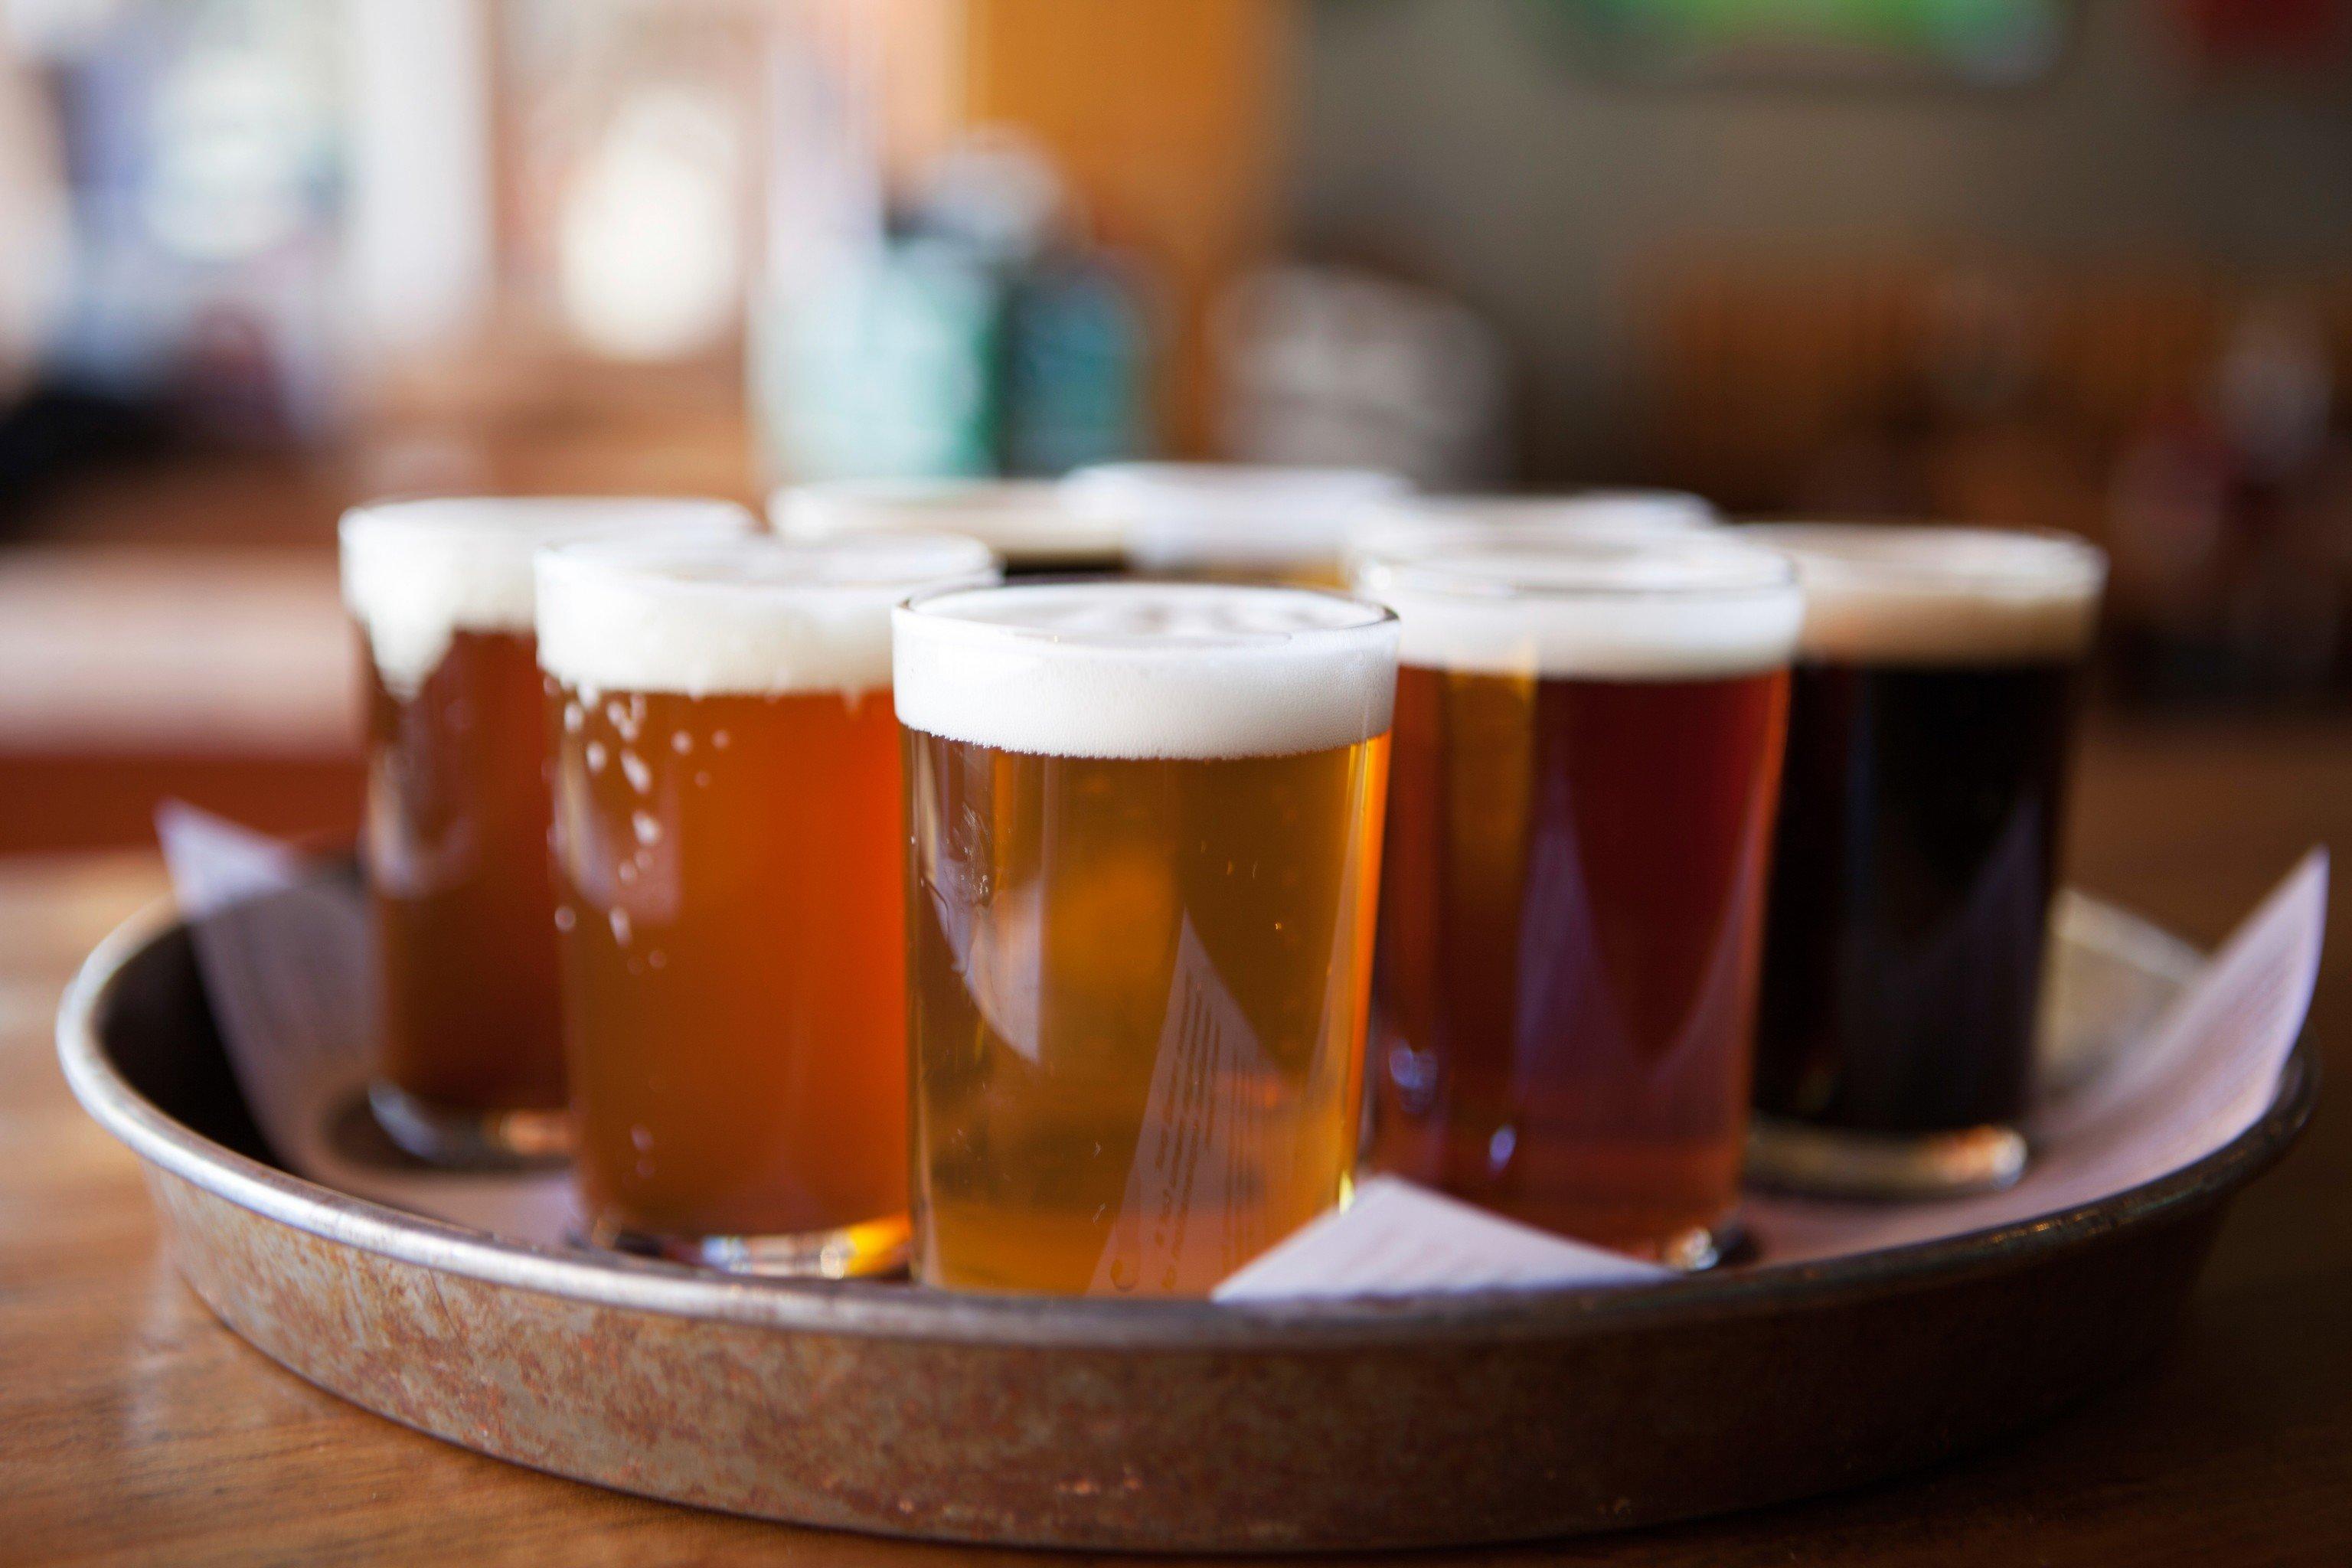 Trip Ideas cup table indoor beer Drink orange close